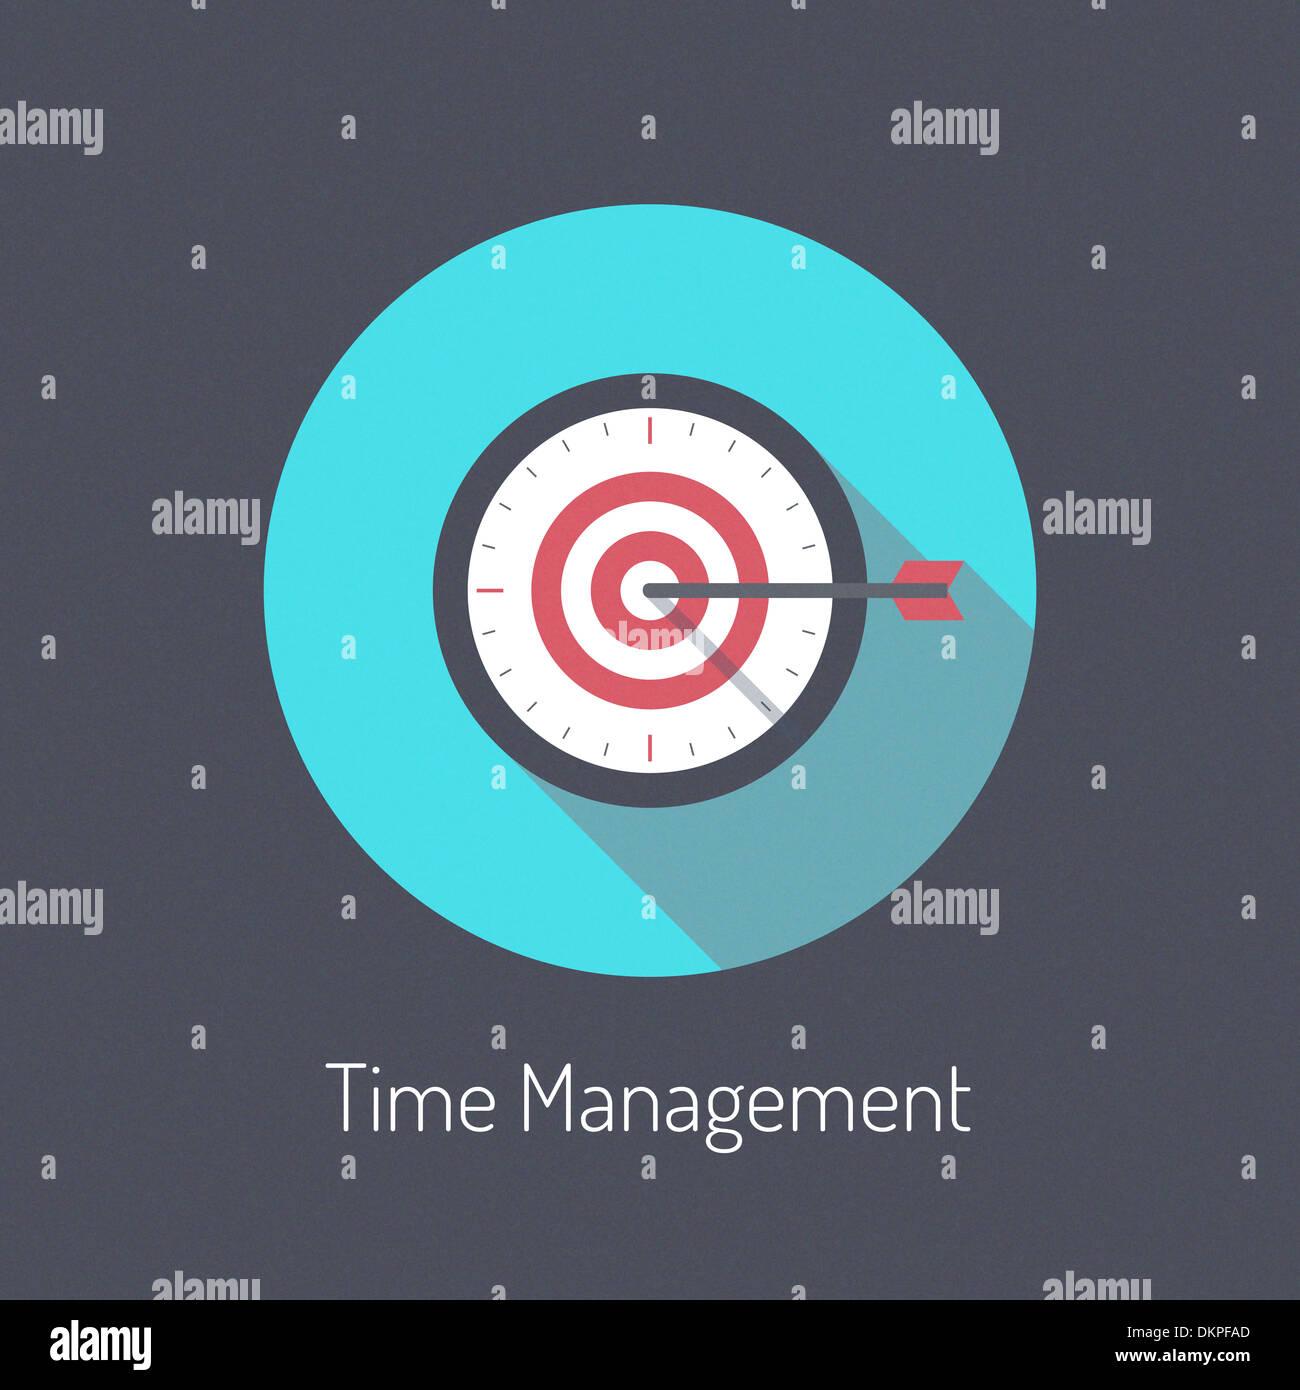 Design piatto illustrazione moderna poster concetto del tempo di gestione del processo di pianificazione e business metafora il tempo è denaro Immagini Stock